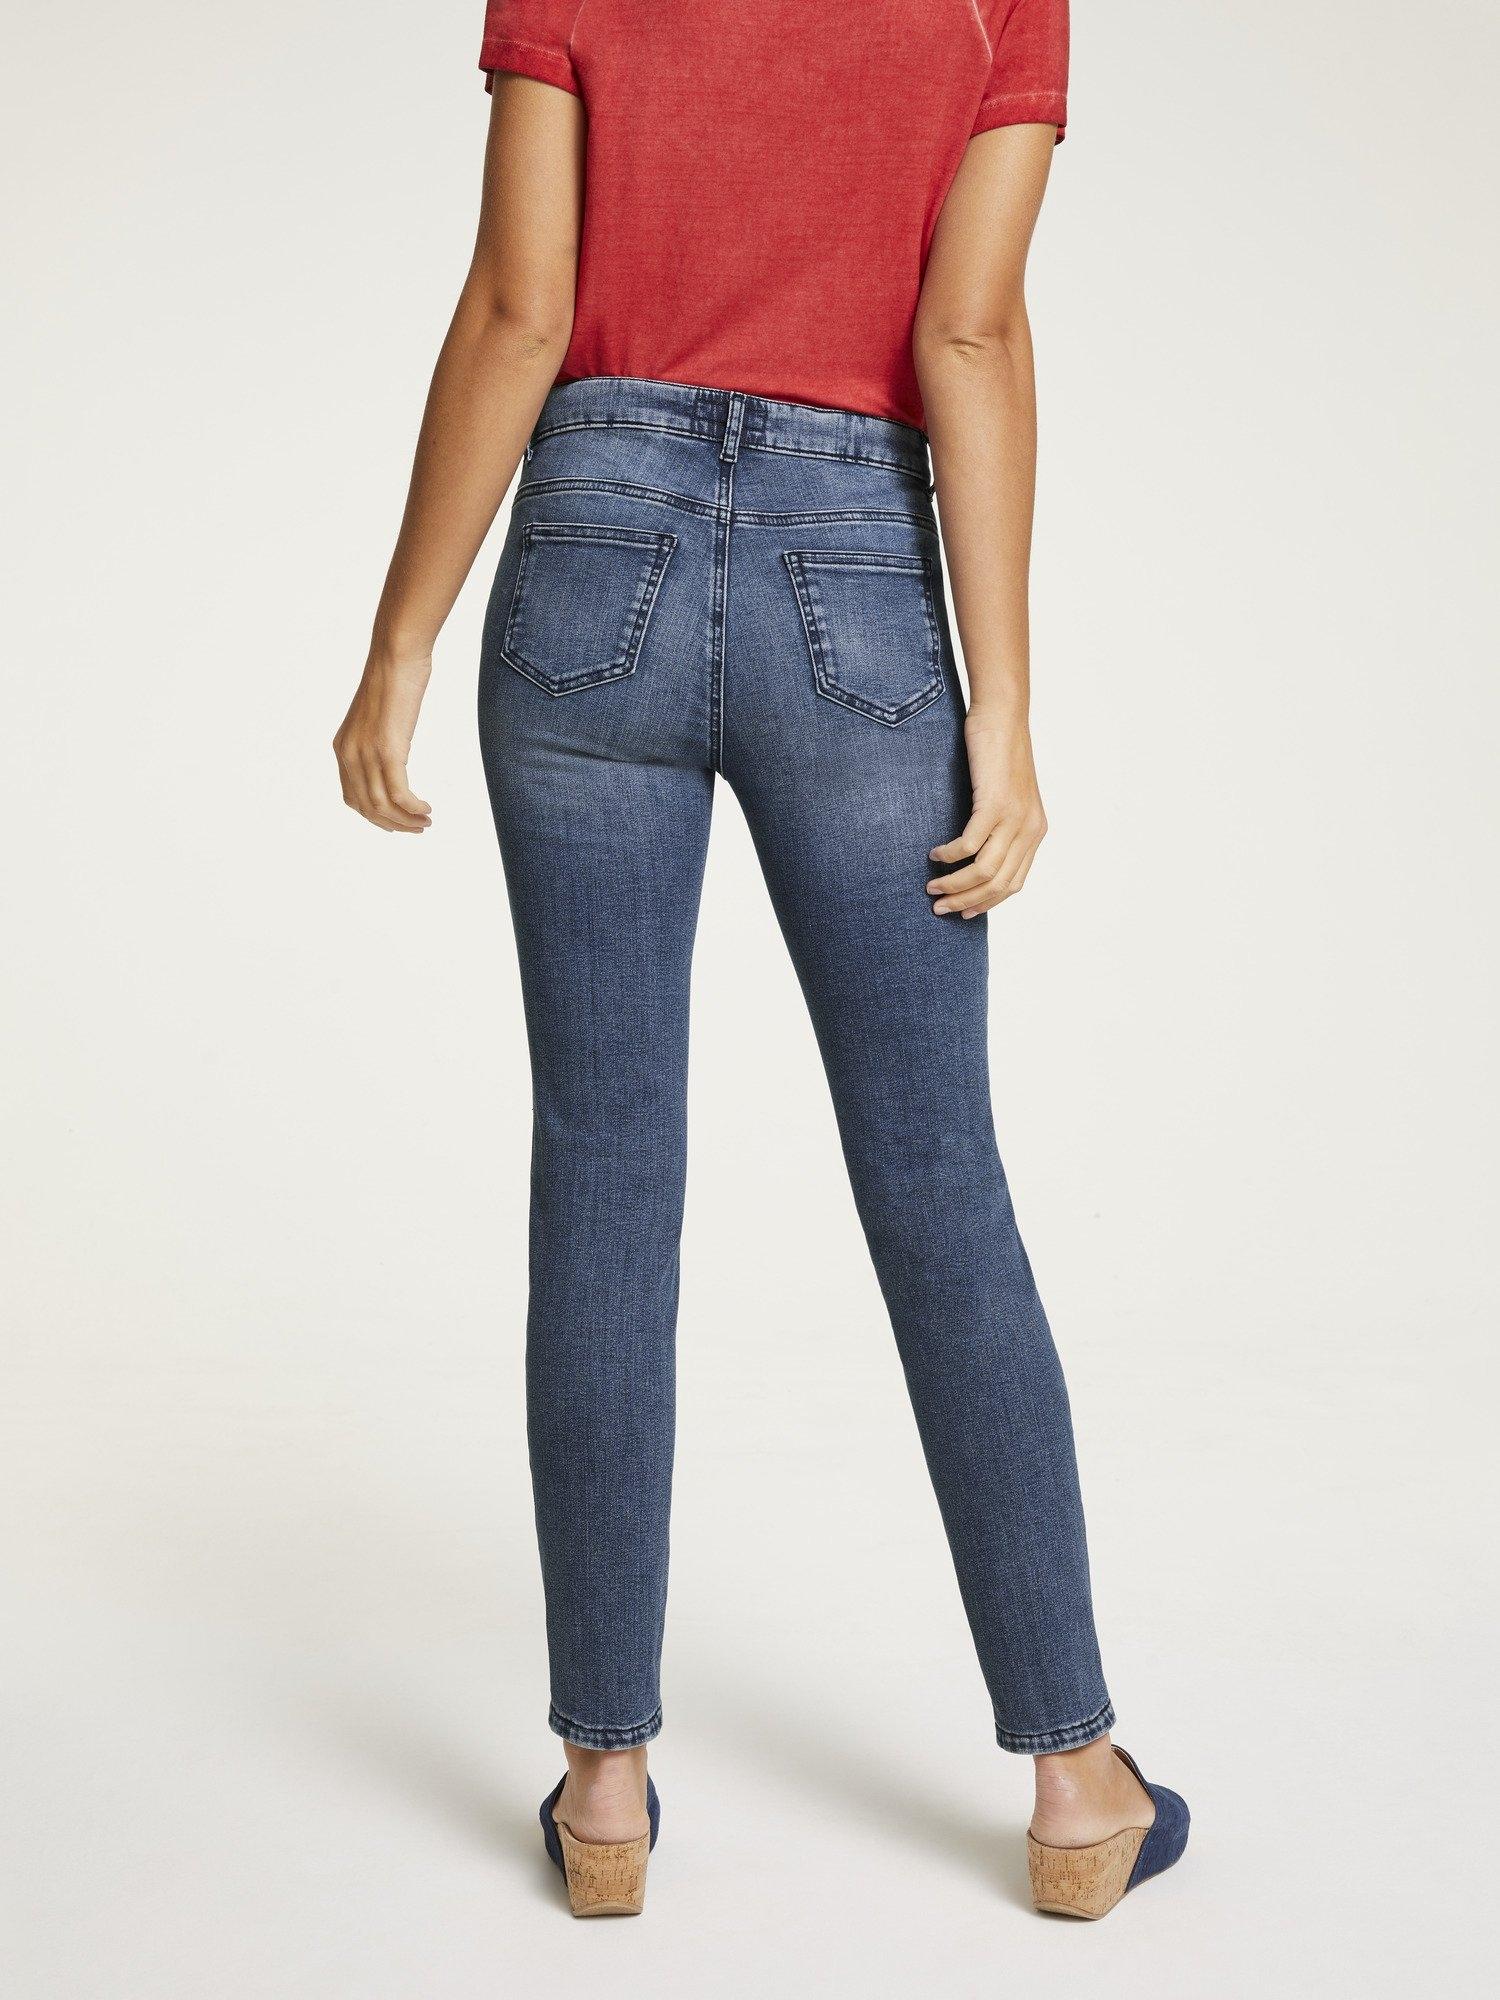 LINEA TESINI by Heine Jeans bestellen: 30 dagen bedenktijd